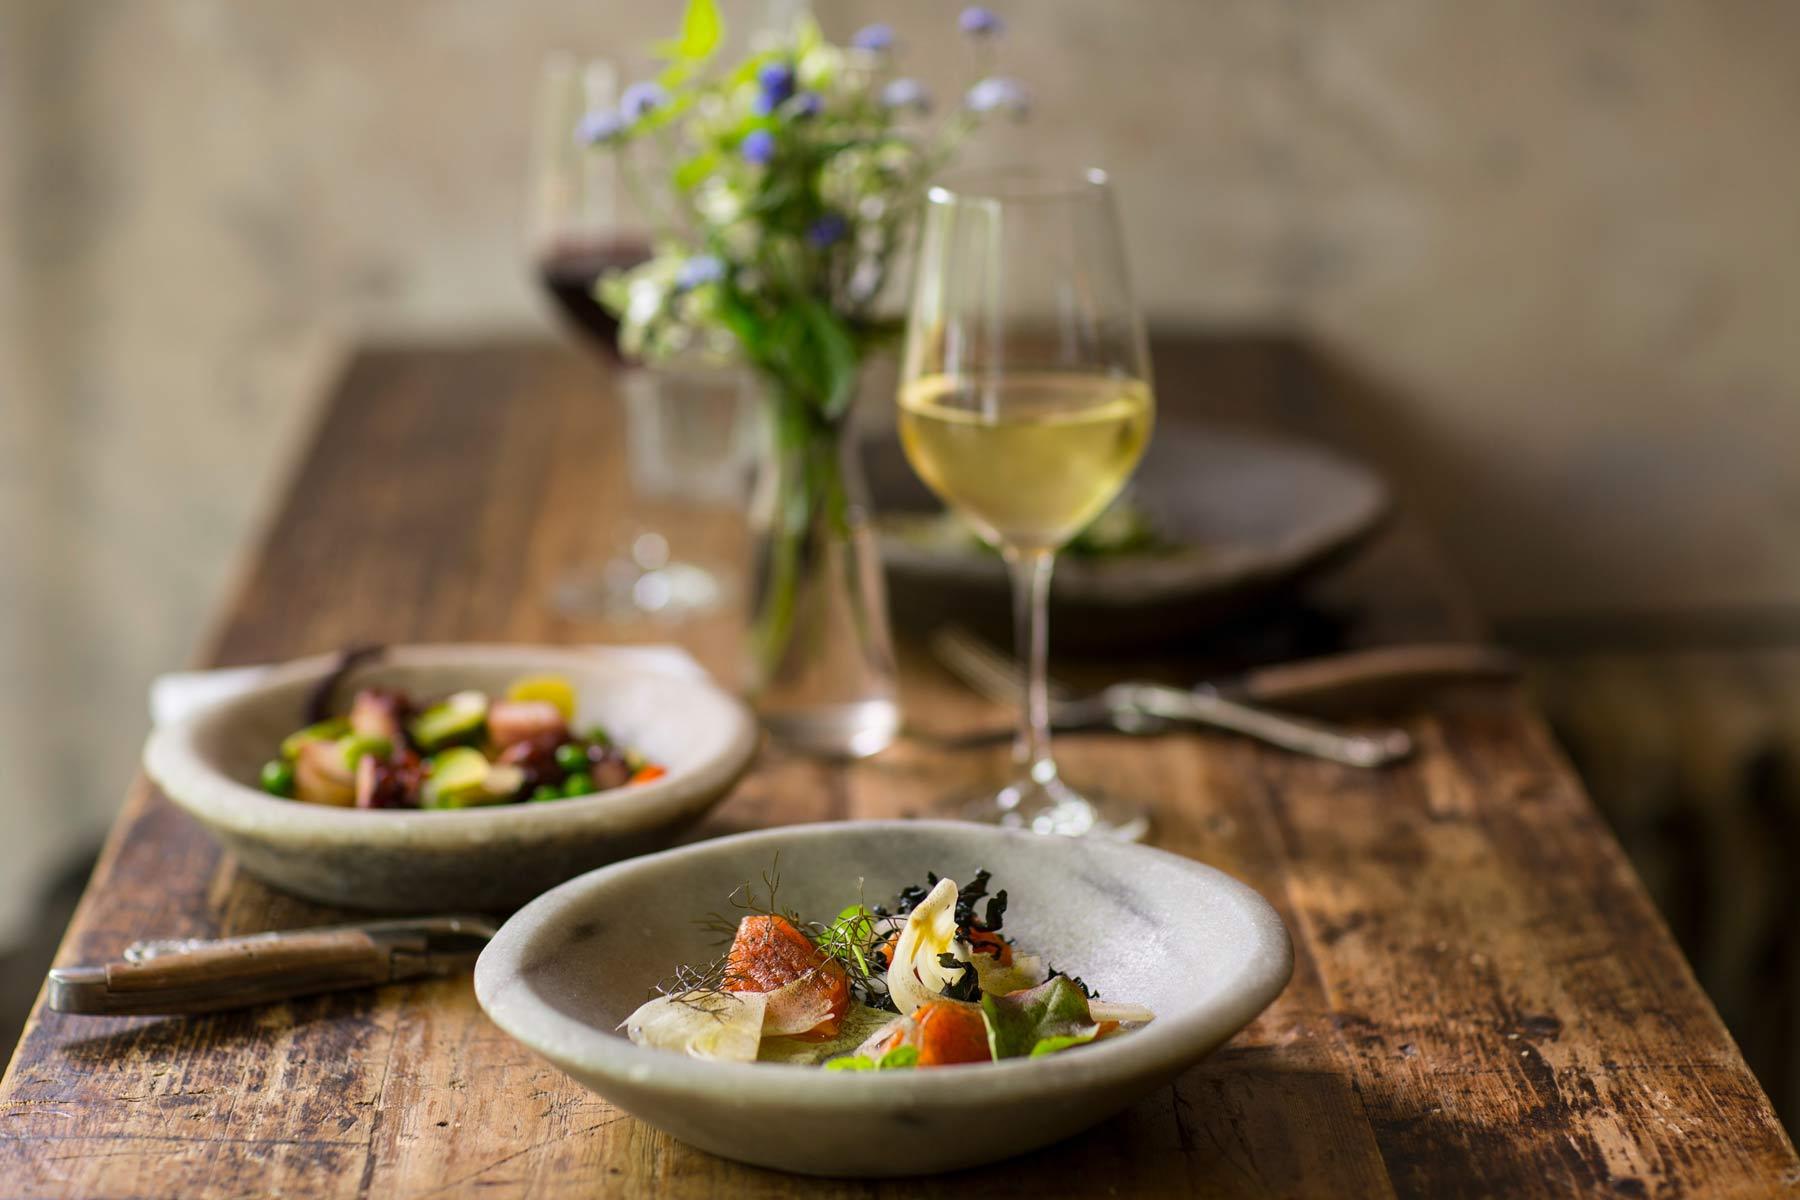 Weintypen und dazu passendes Essen lassen sich gut einteilen, wenn man es nicht zu genau nimmt